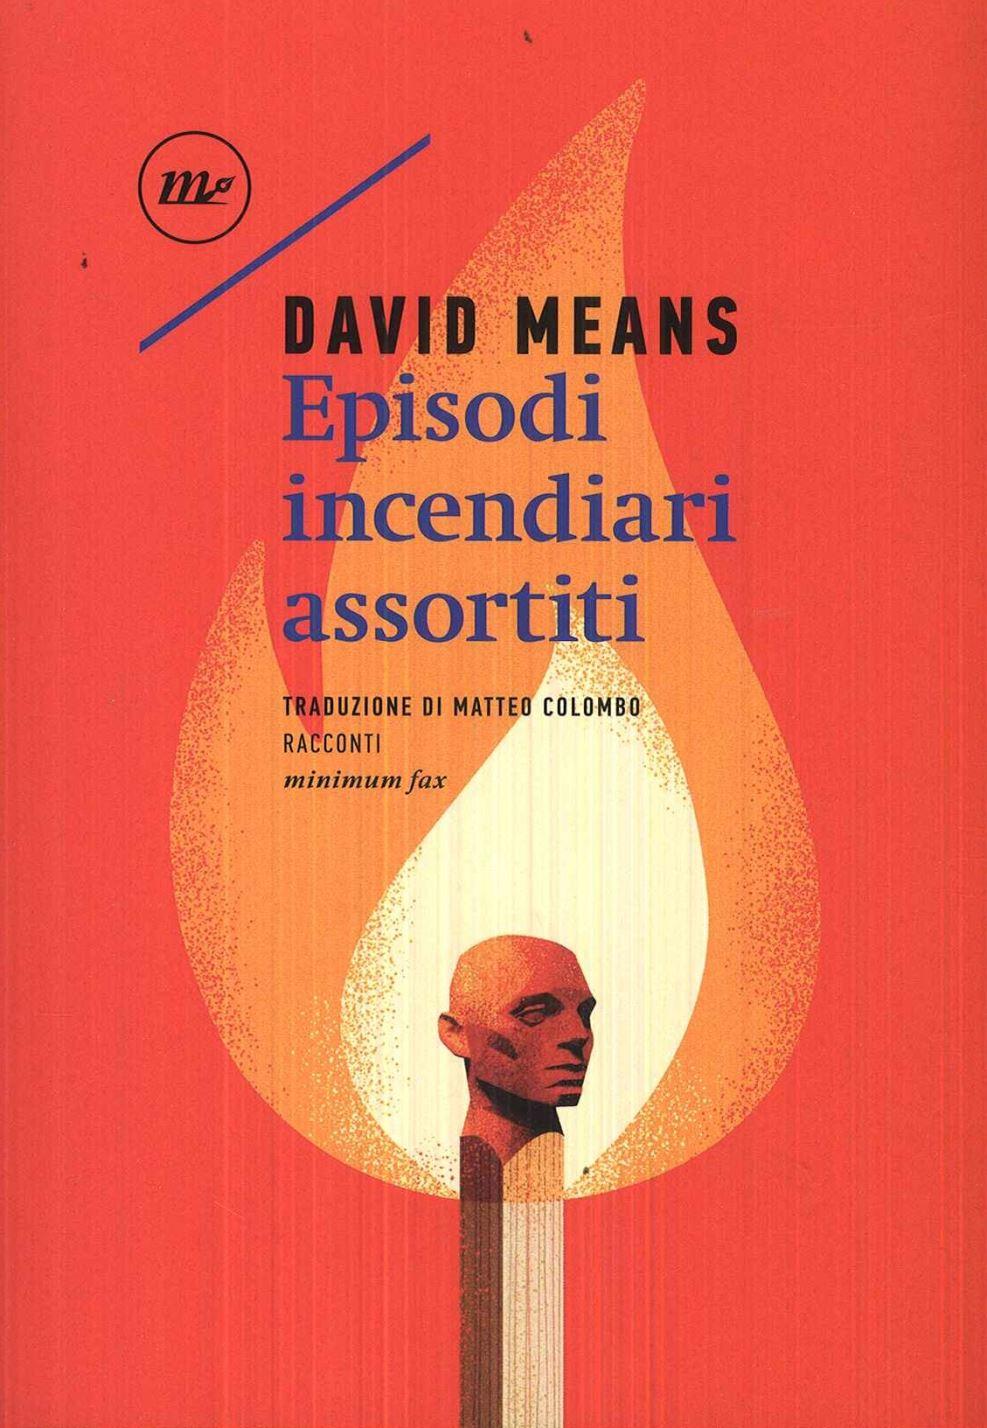 David Means – Episodi Incendiari Assortiti